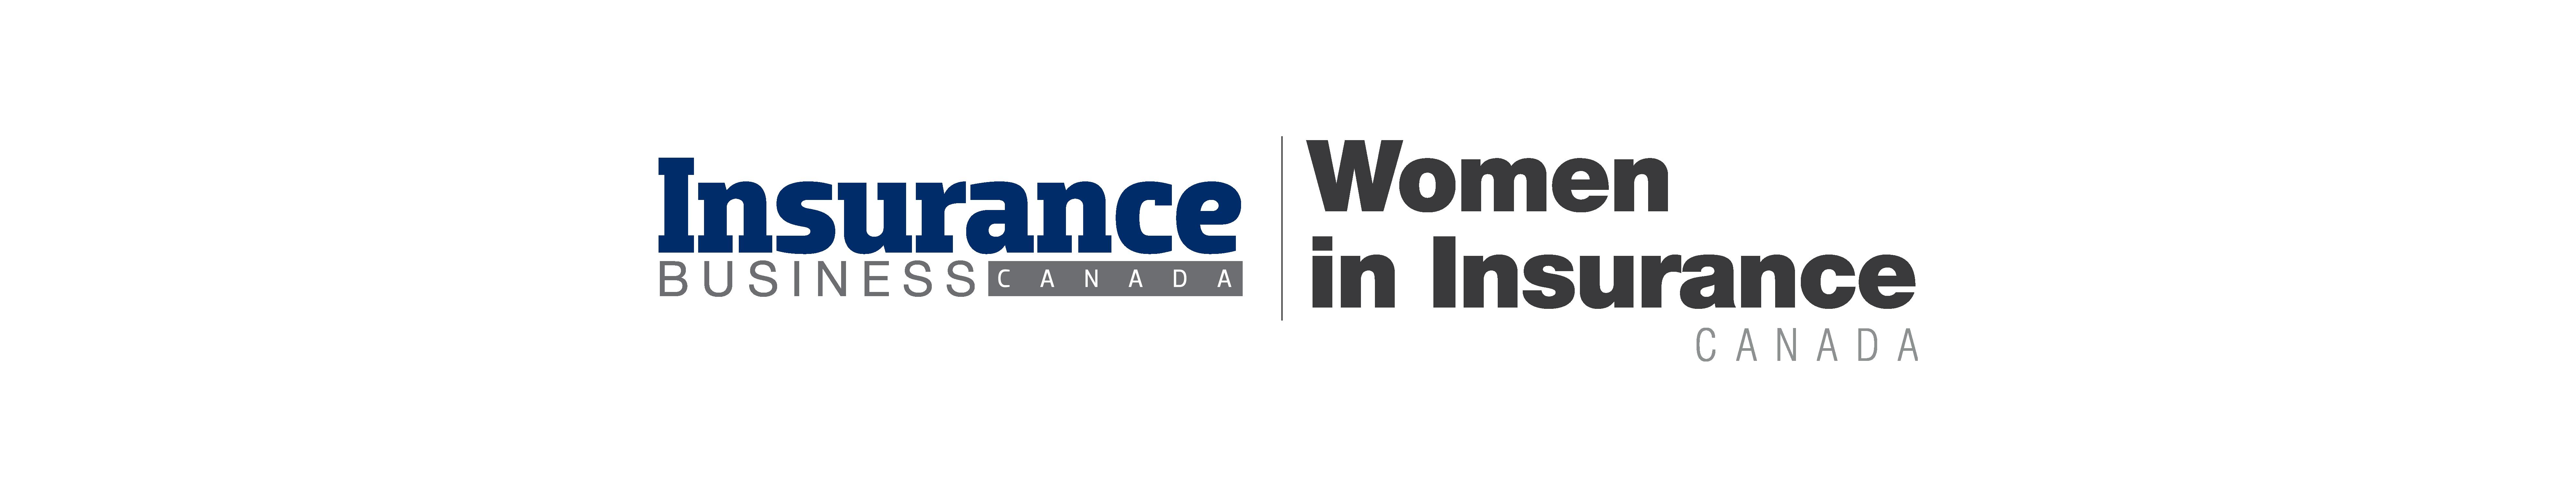 Women in Insurance Canada